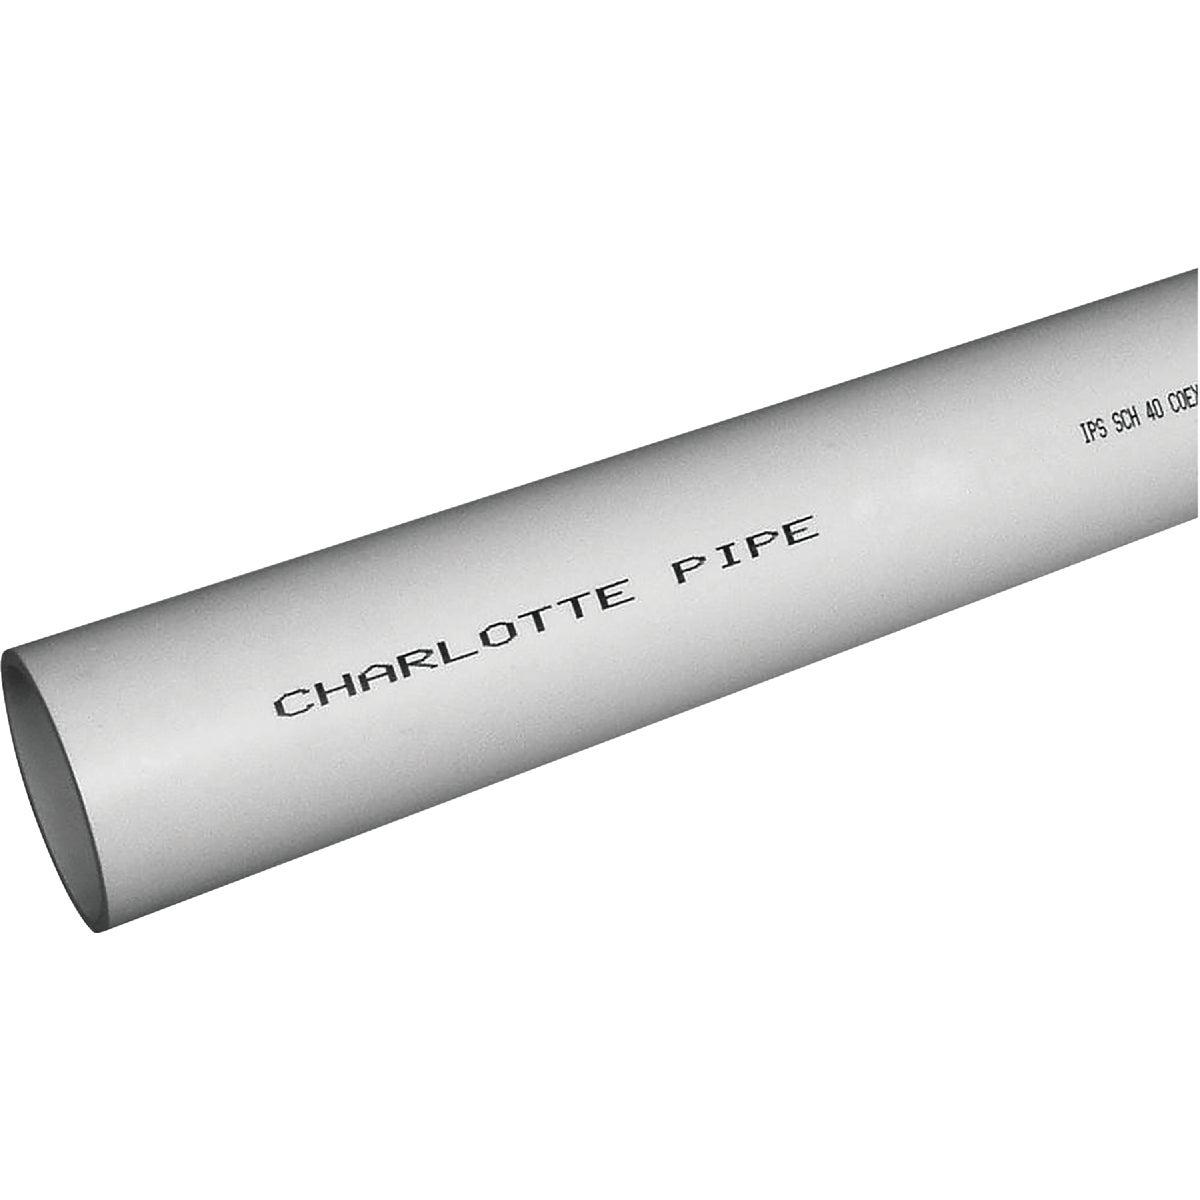 3X5 DWV CC PVC PIPE